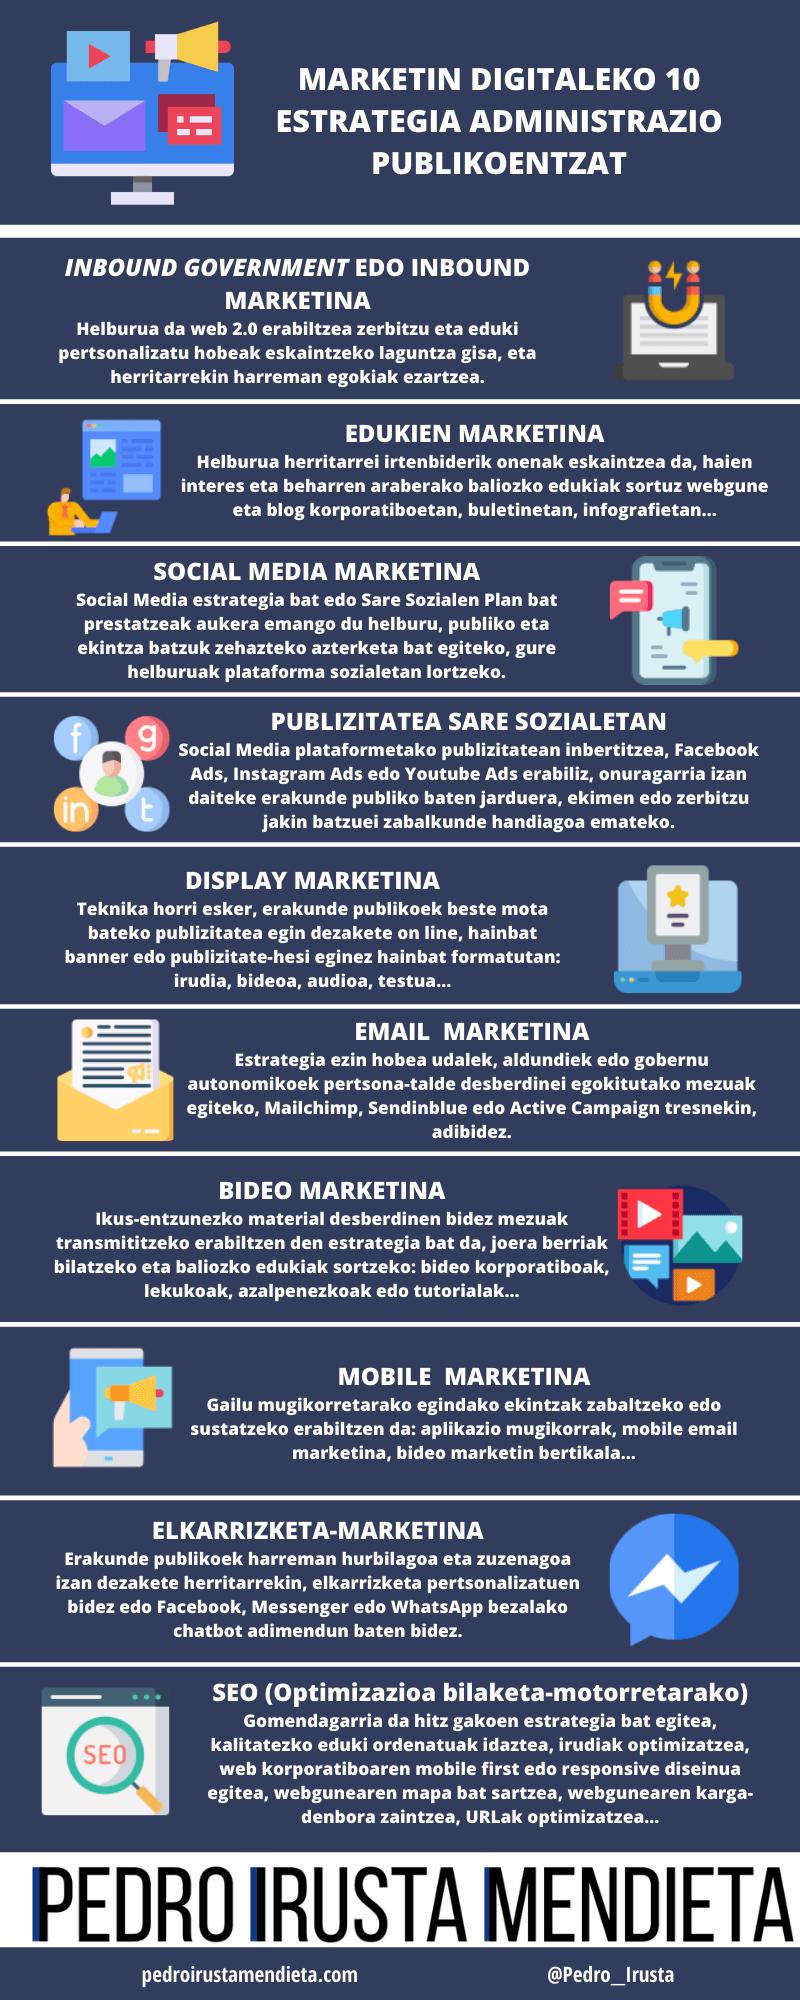 Marketin Digitaleko 10 estrategia administrazio publikoentzat